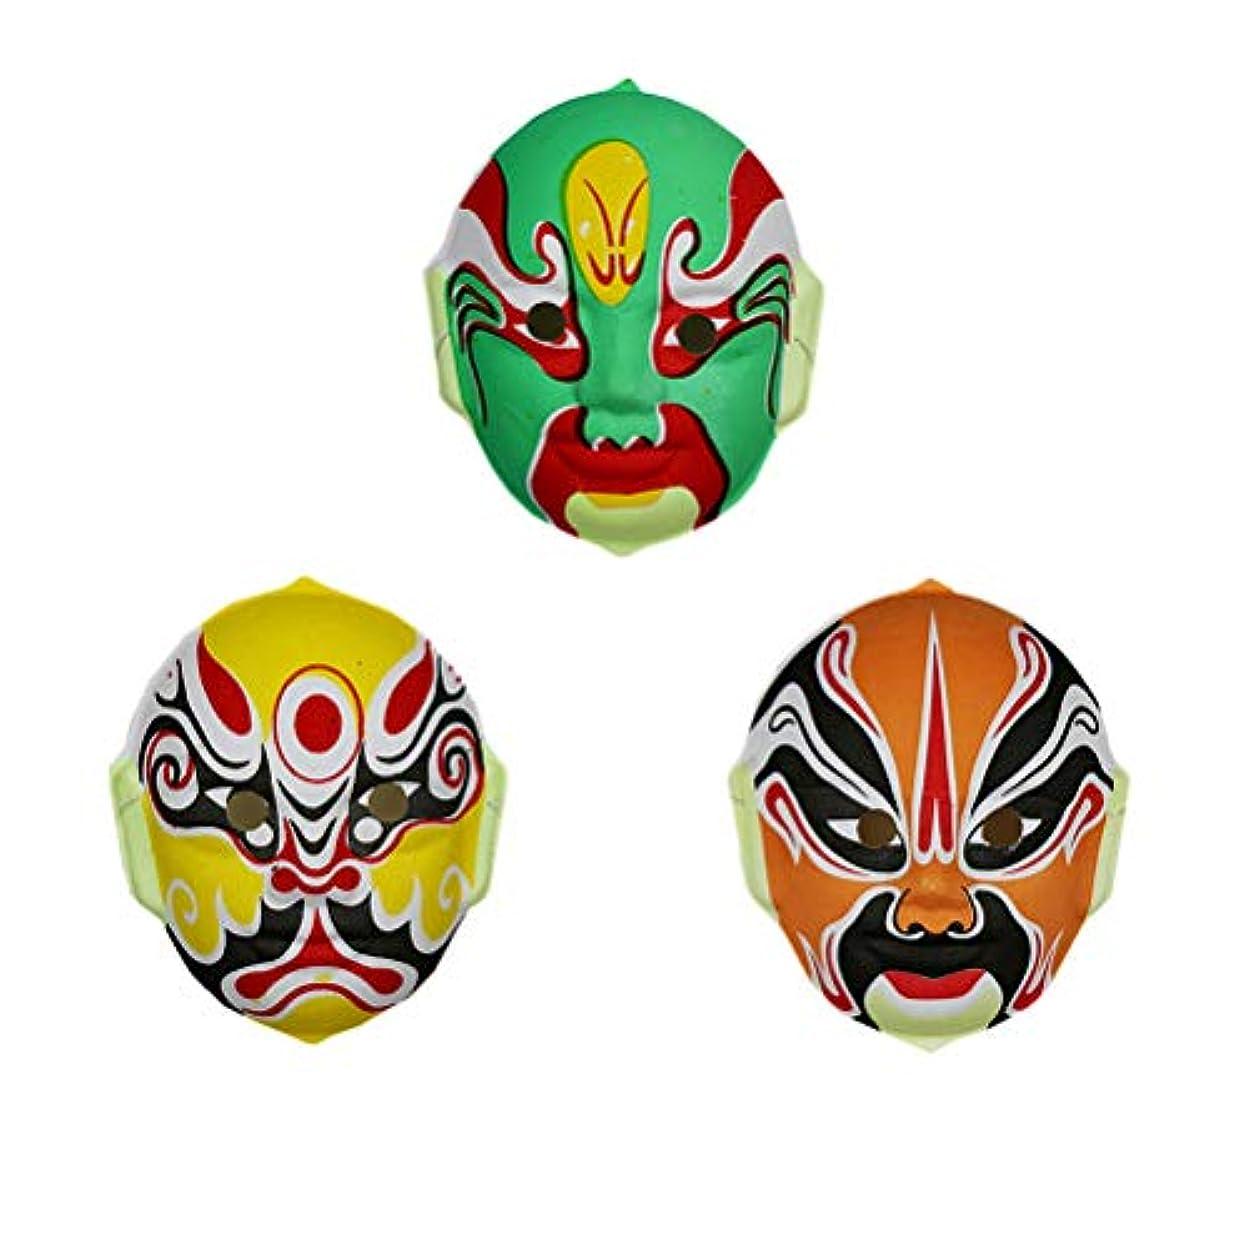 ケニア投げる労苦TINKSKY 3本 中国 オペラマスク 伝統オペラマスク ハロウィーン コスプレ小道具 パーティー用品 (ランダムスタイル)